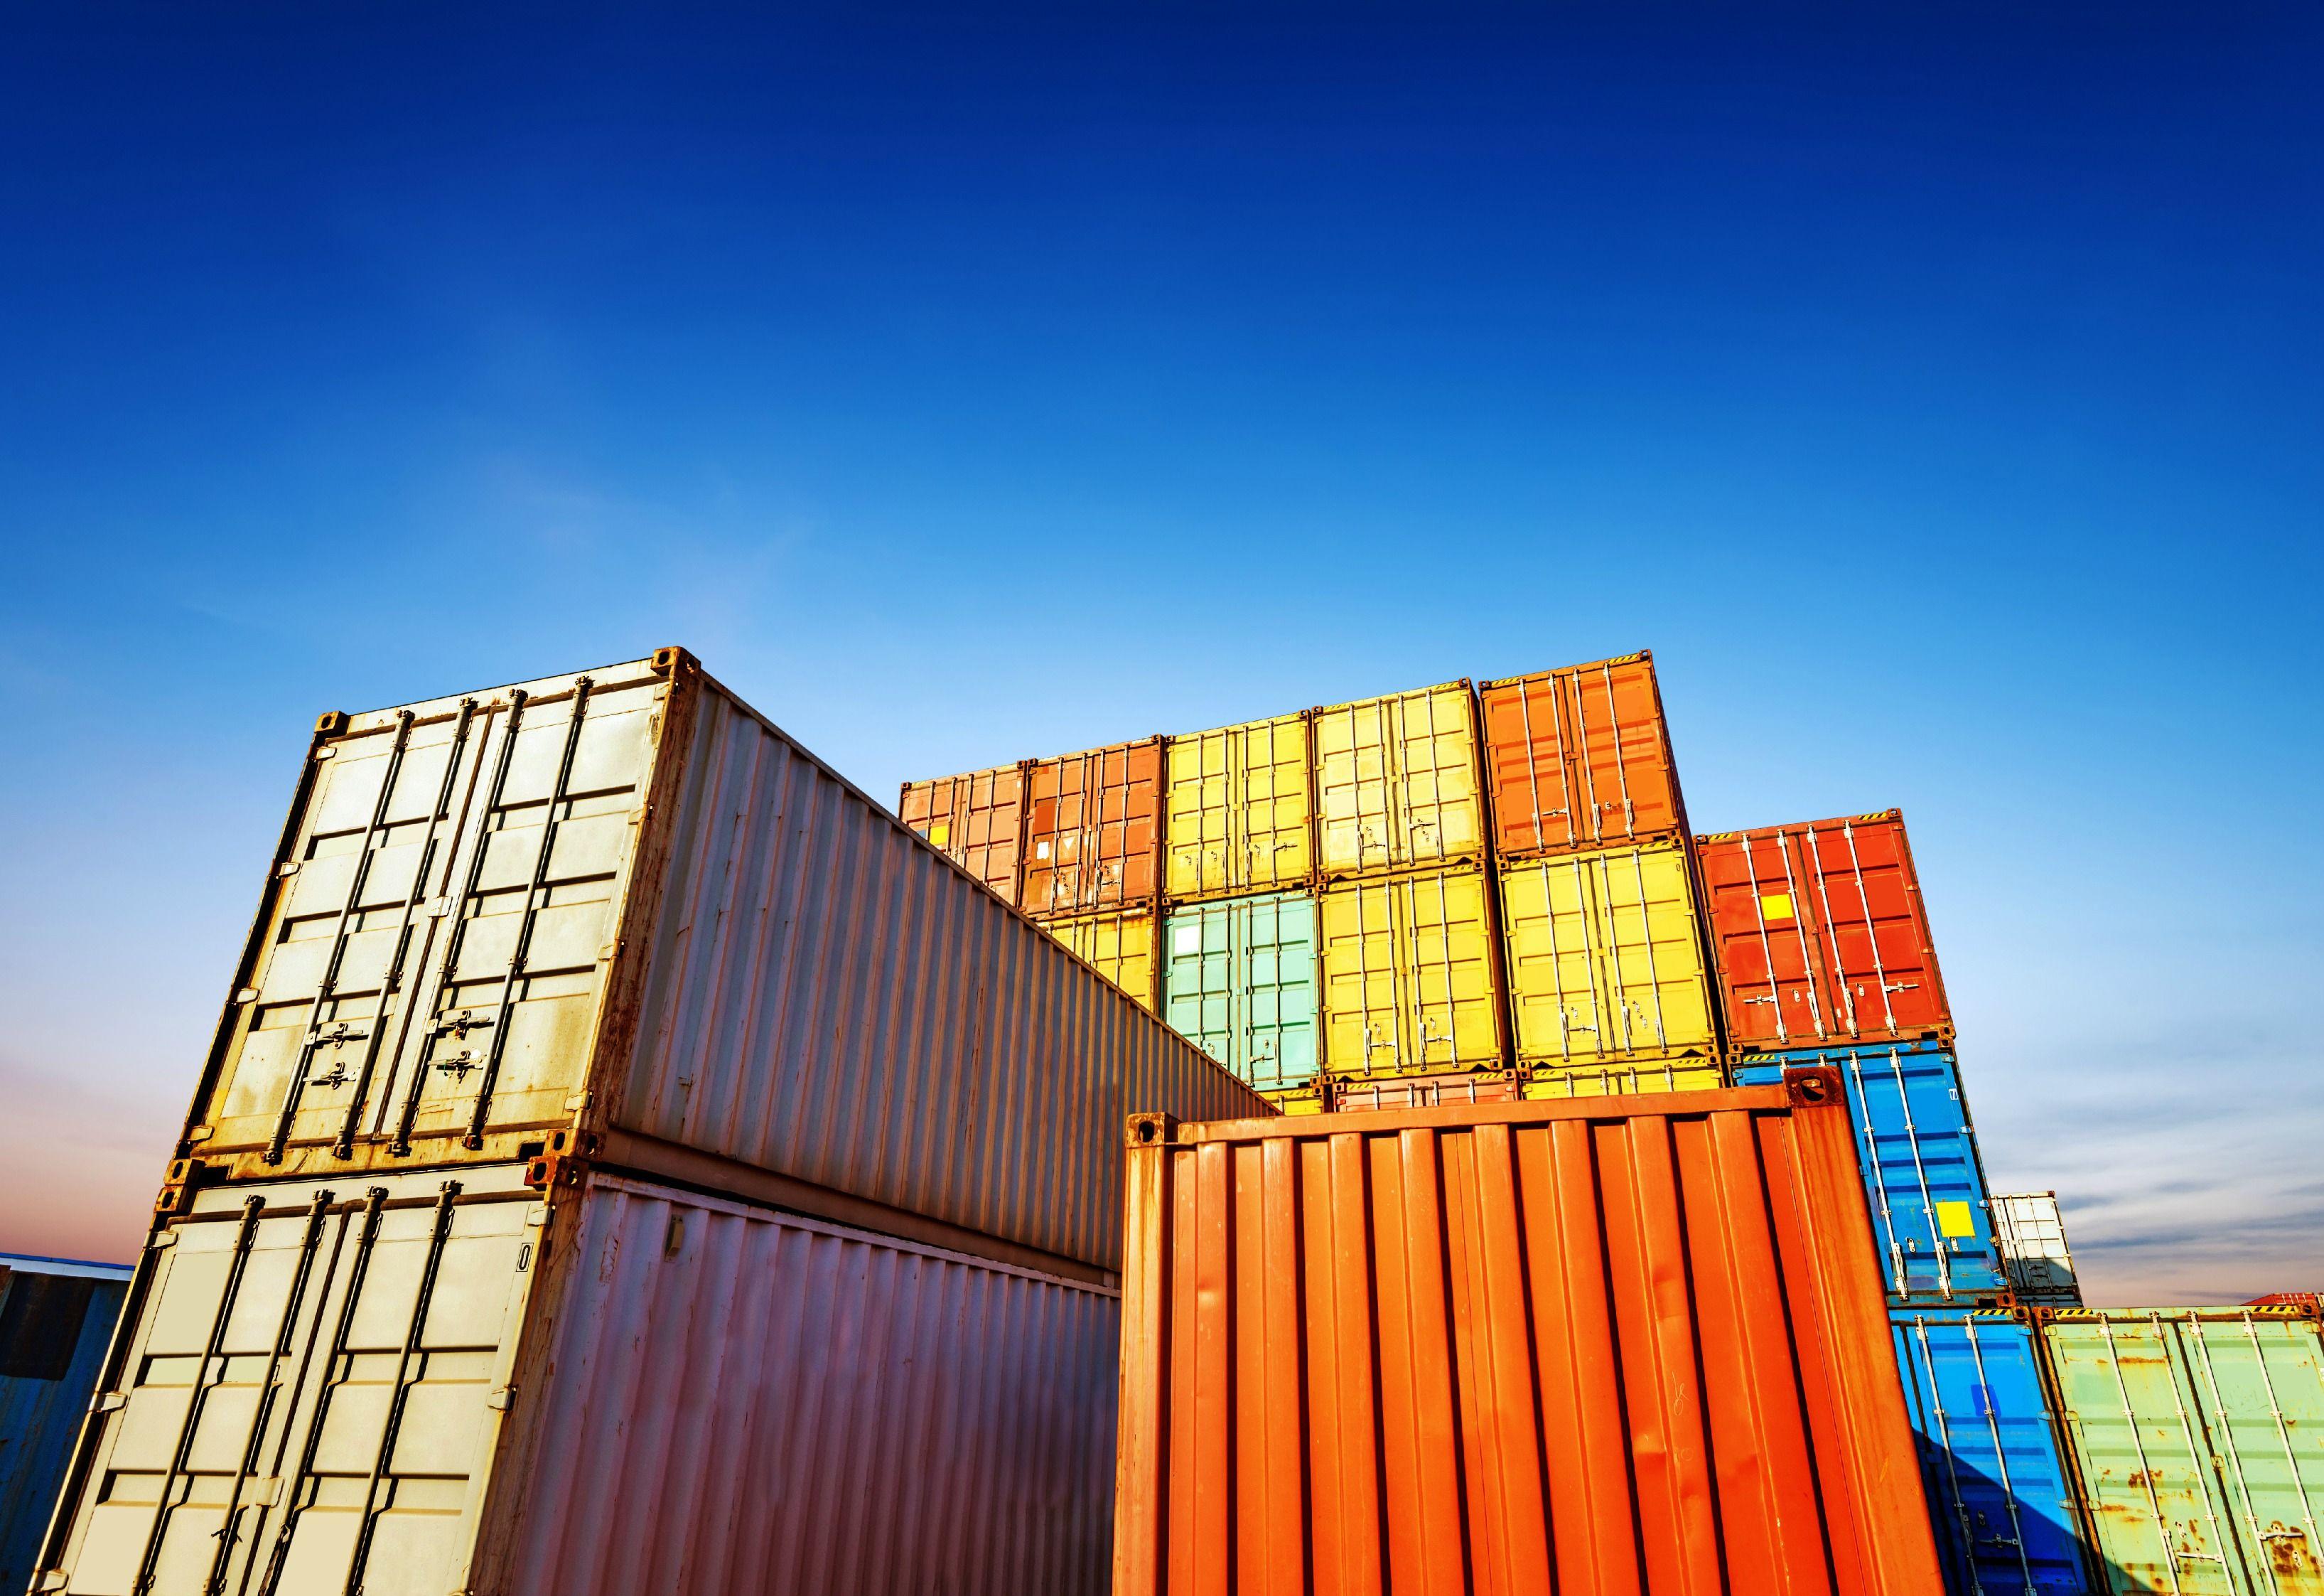 ¿Desea dar a conocer sus productos en América Central? Vea Información de los principales puertos y los documentos de importación que exigen esta región.